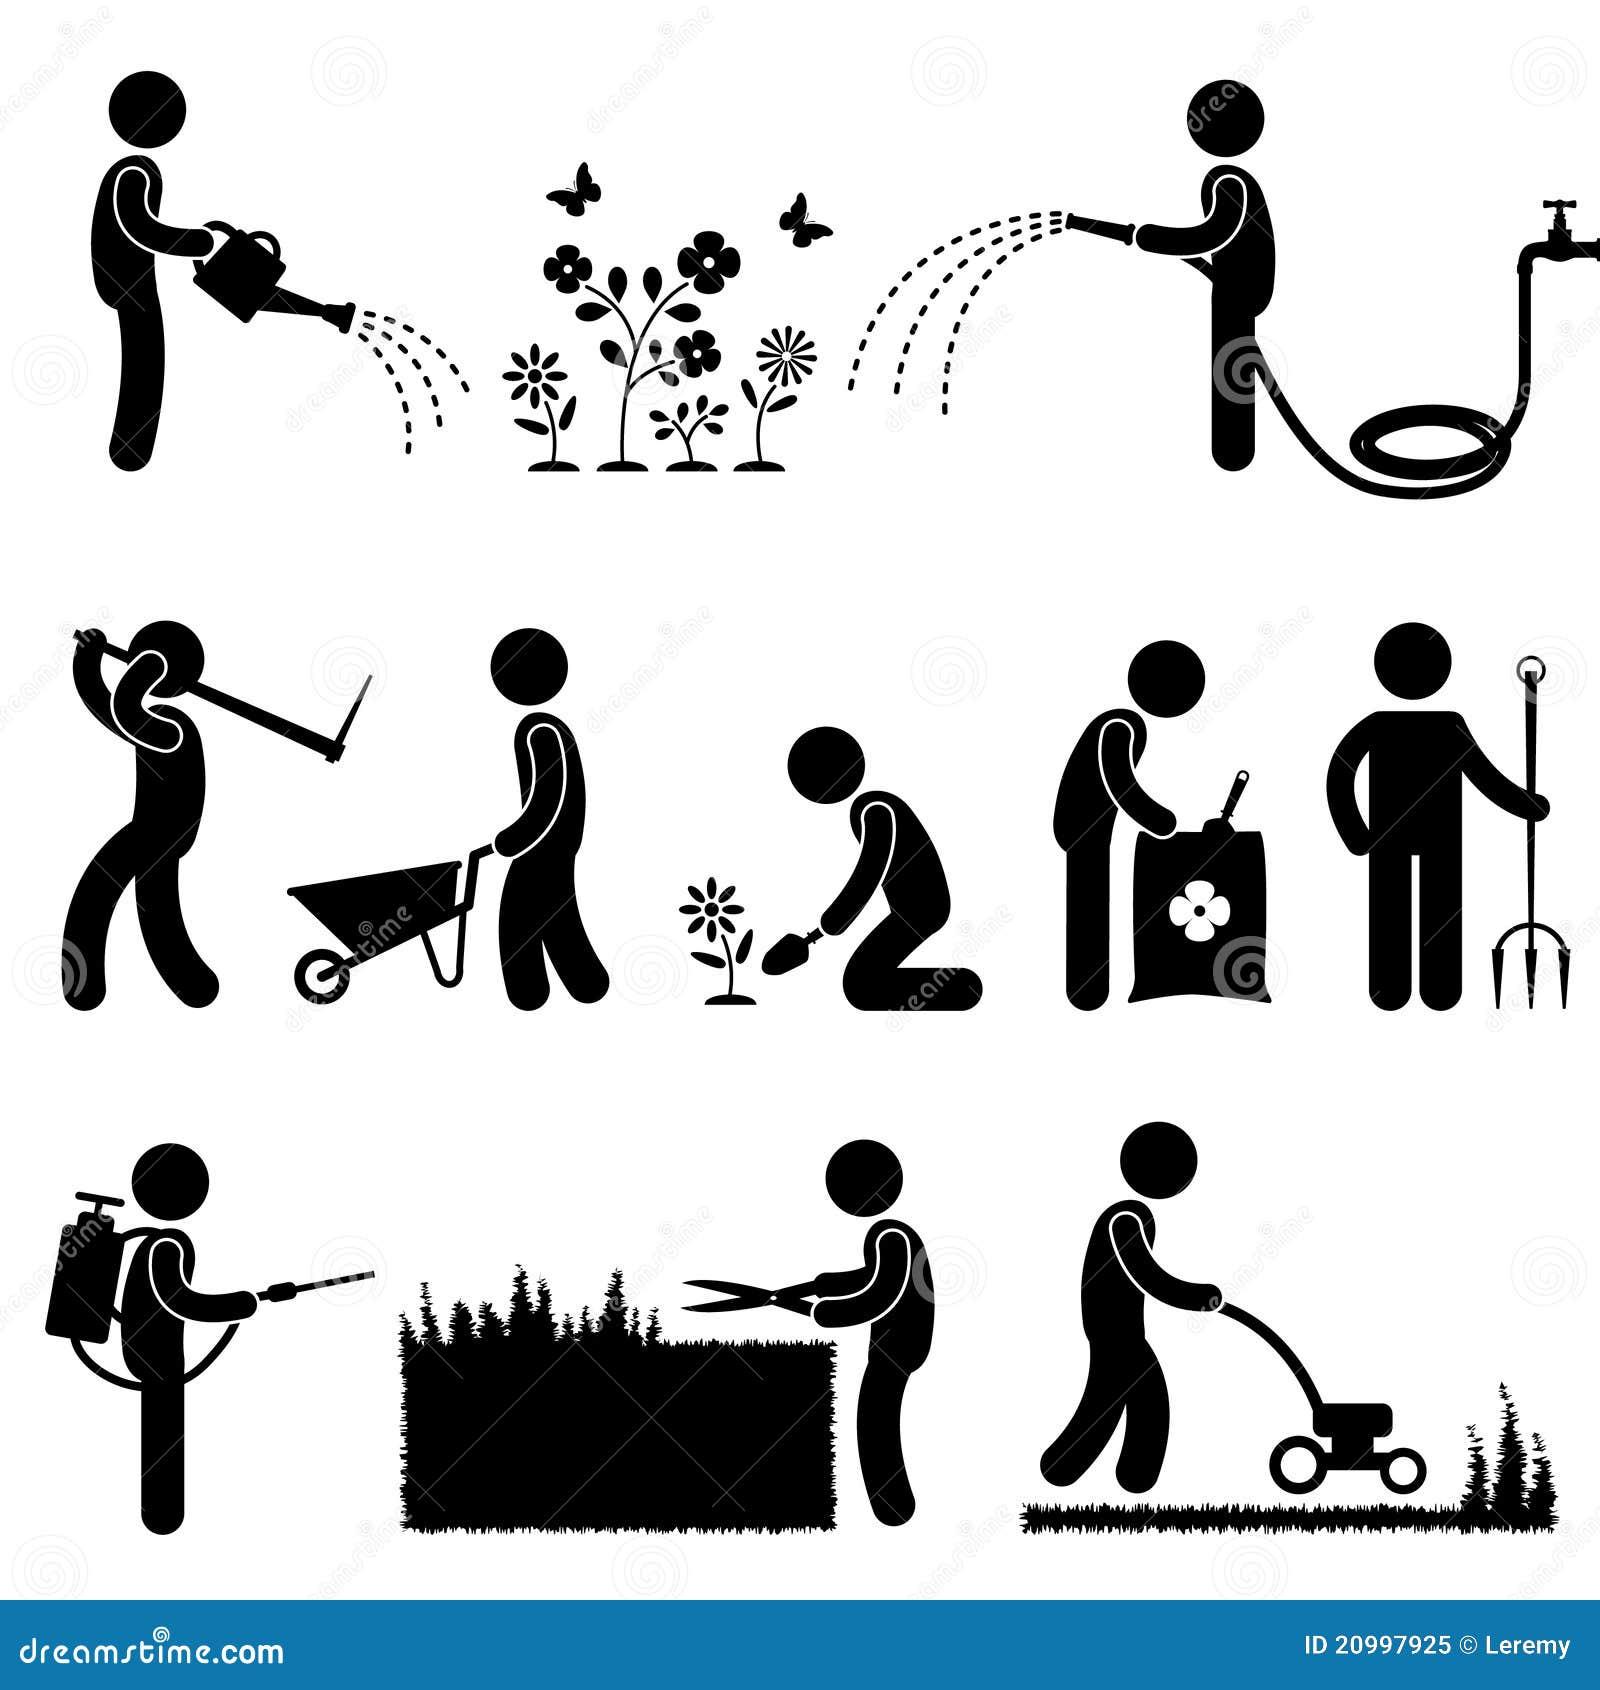 Graphisme de jardinage s de pictogramme d 39 herbe de fleur d 39 usine de travail illustration de for Les meilleurs sites de jardinage